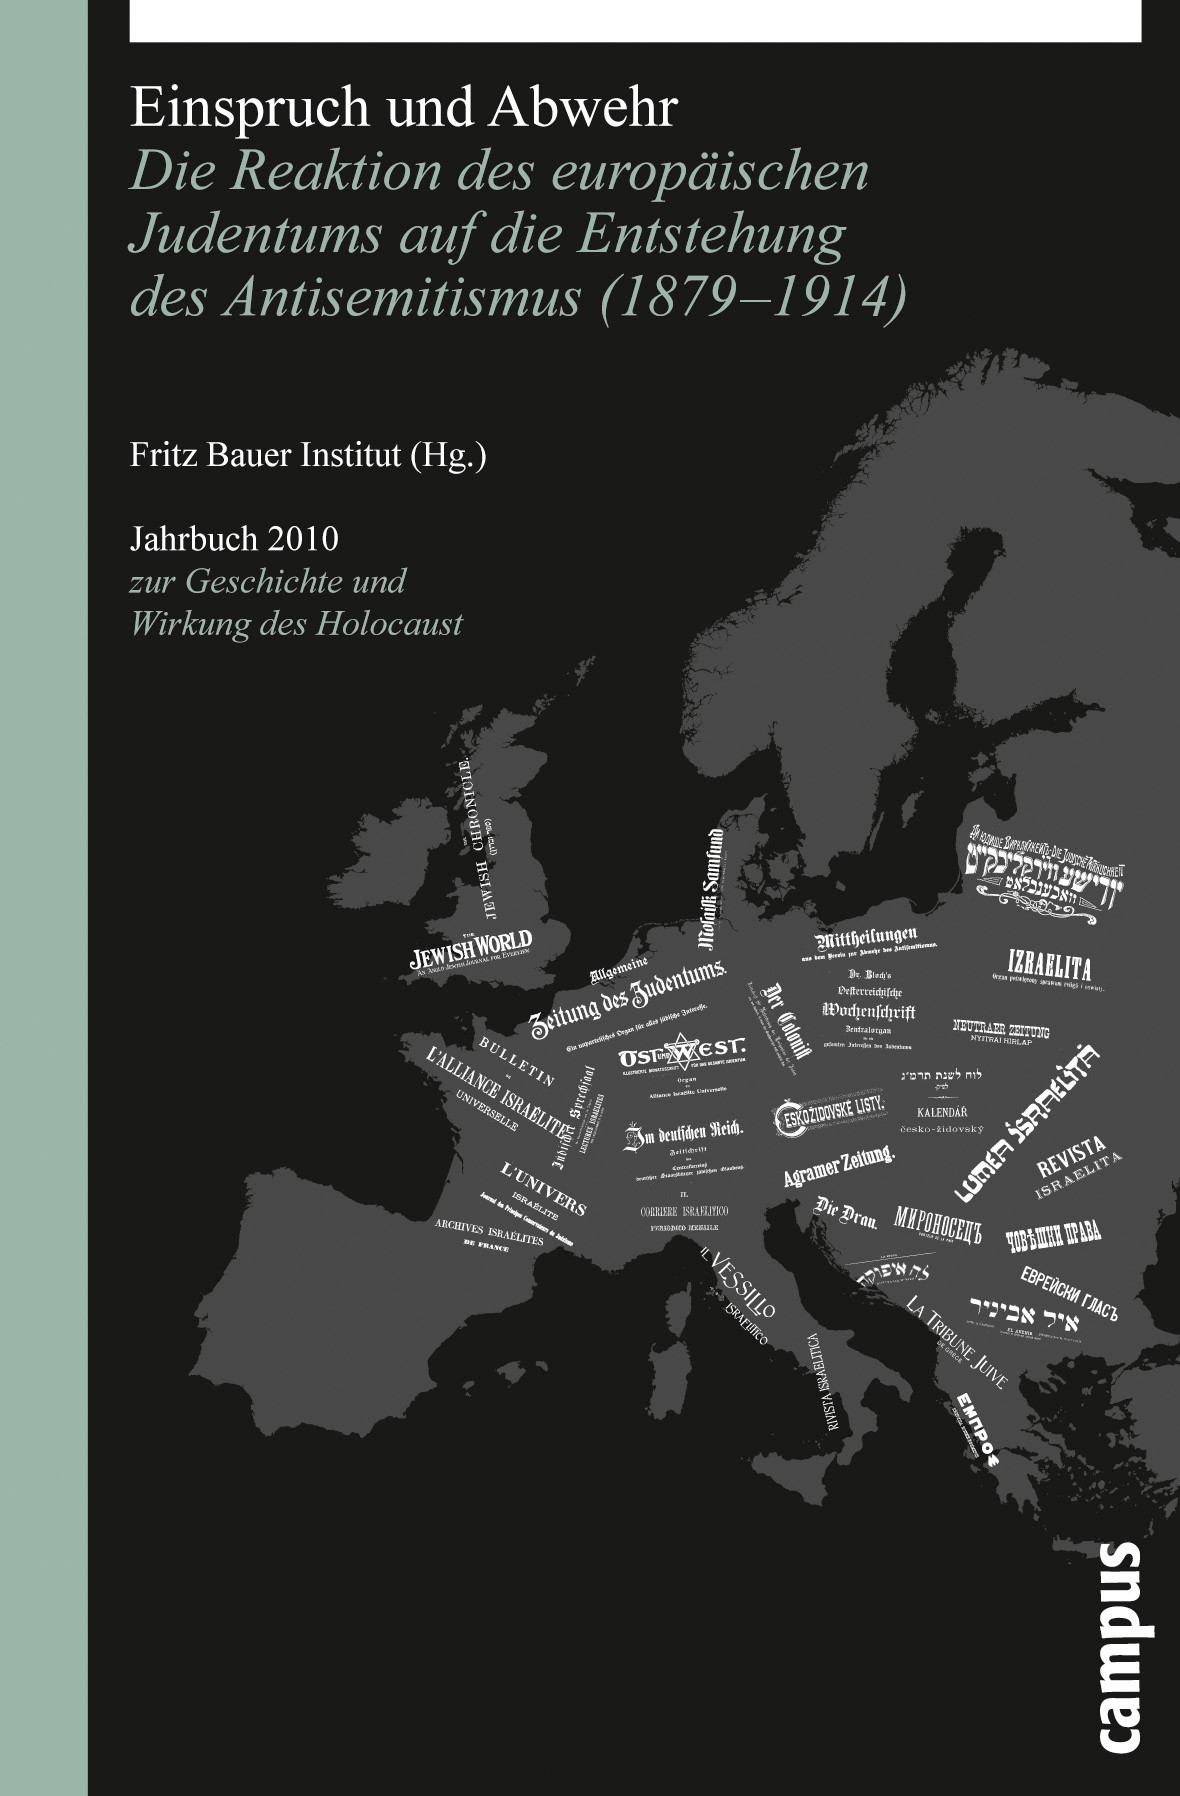 Abbildung von Fritz Bauer Institut / Wyrwa | Einspruch und Abwehr | 2010